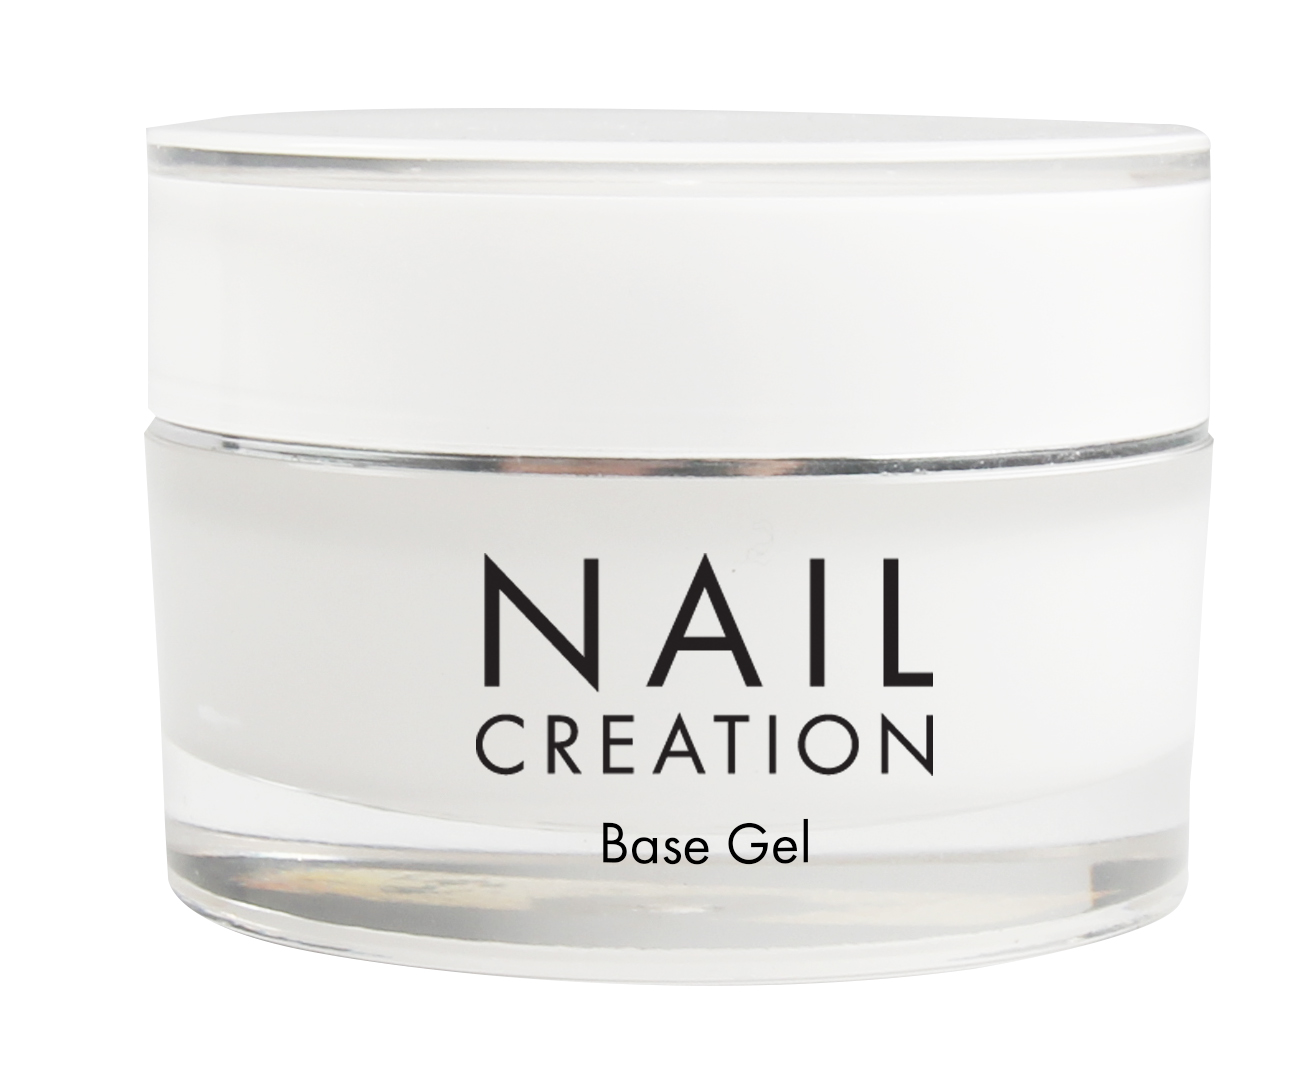 Afbeelding van Nail Creation - Base Gel 15 ml